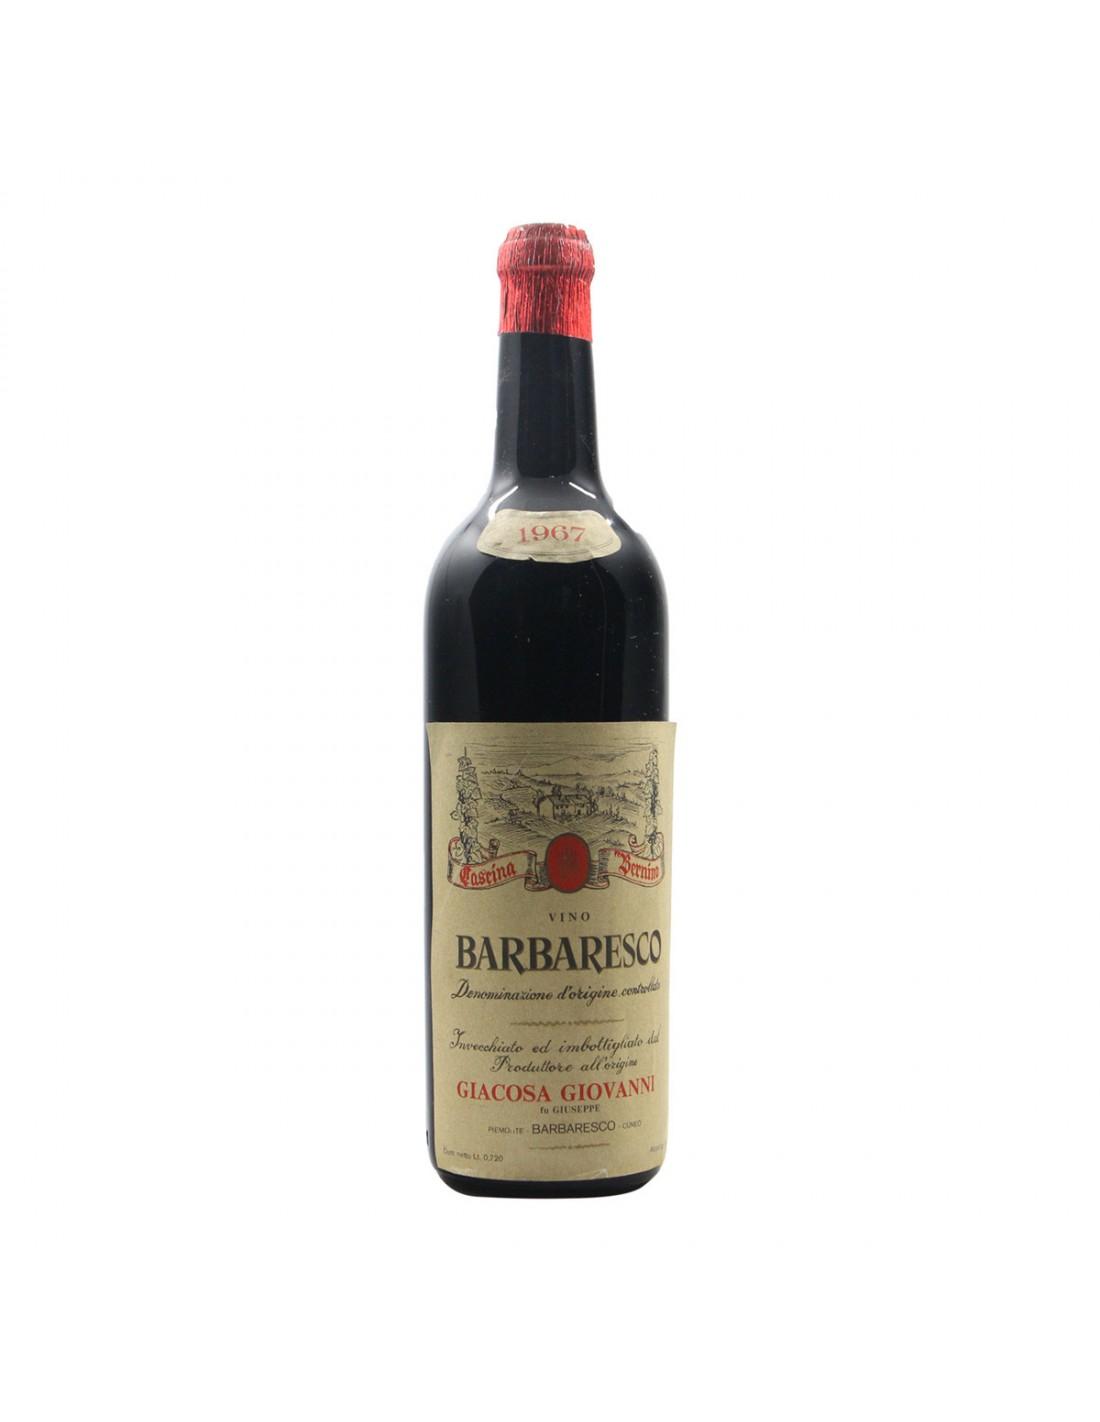 BARBARESCO 1967 GIACOSA GIOVANNI Grandi Bottiglie